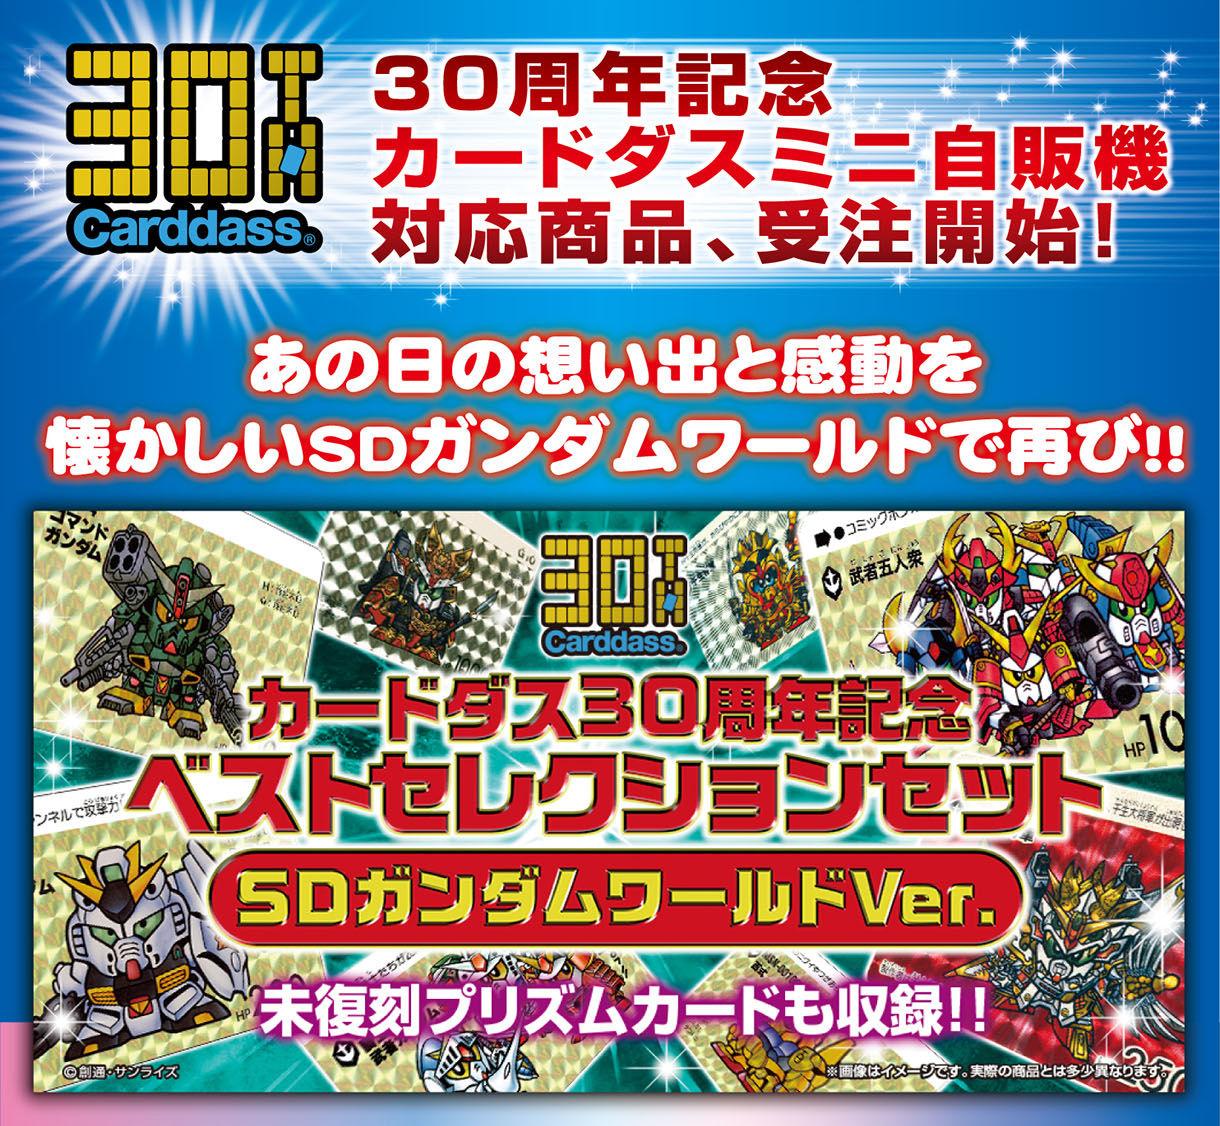 カードダス30周年記念 カードダスミニ自販機対応商品、受注開始!